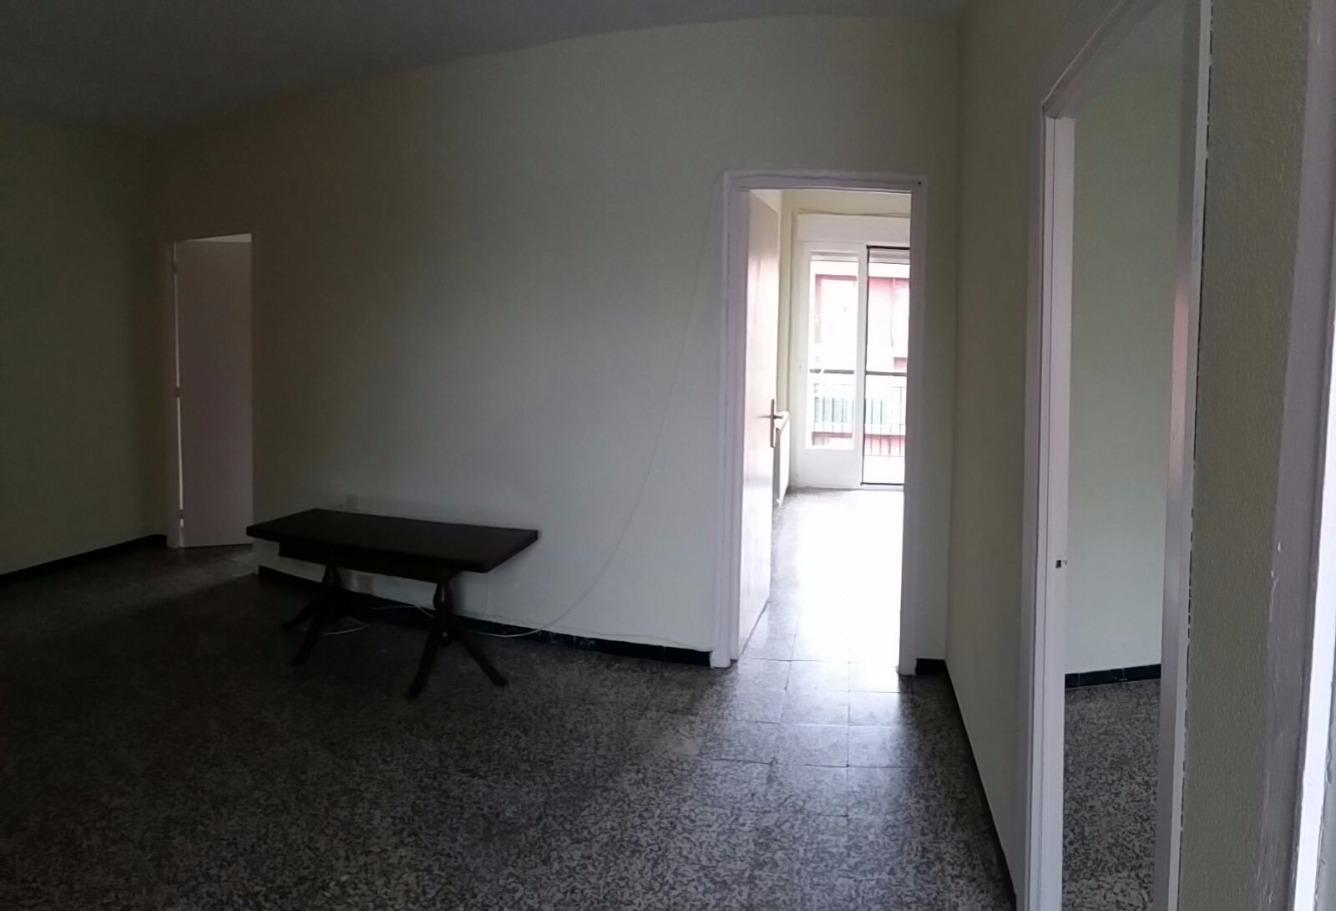 Piso en alquiler en Valladolid Capital - Rondilla